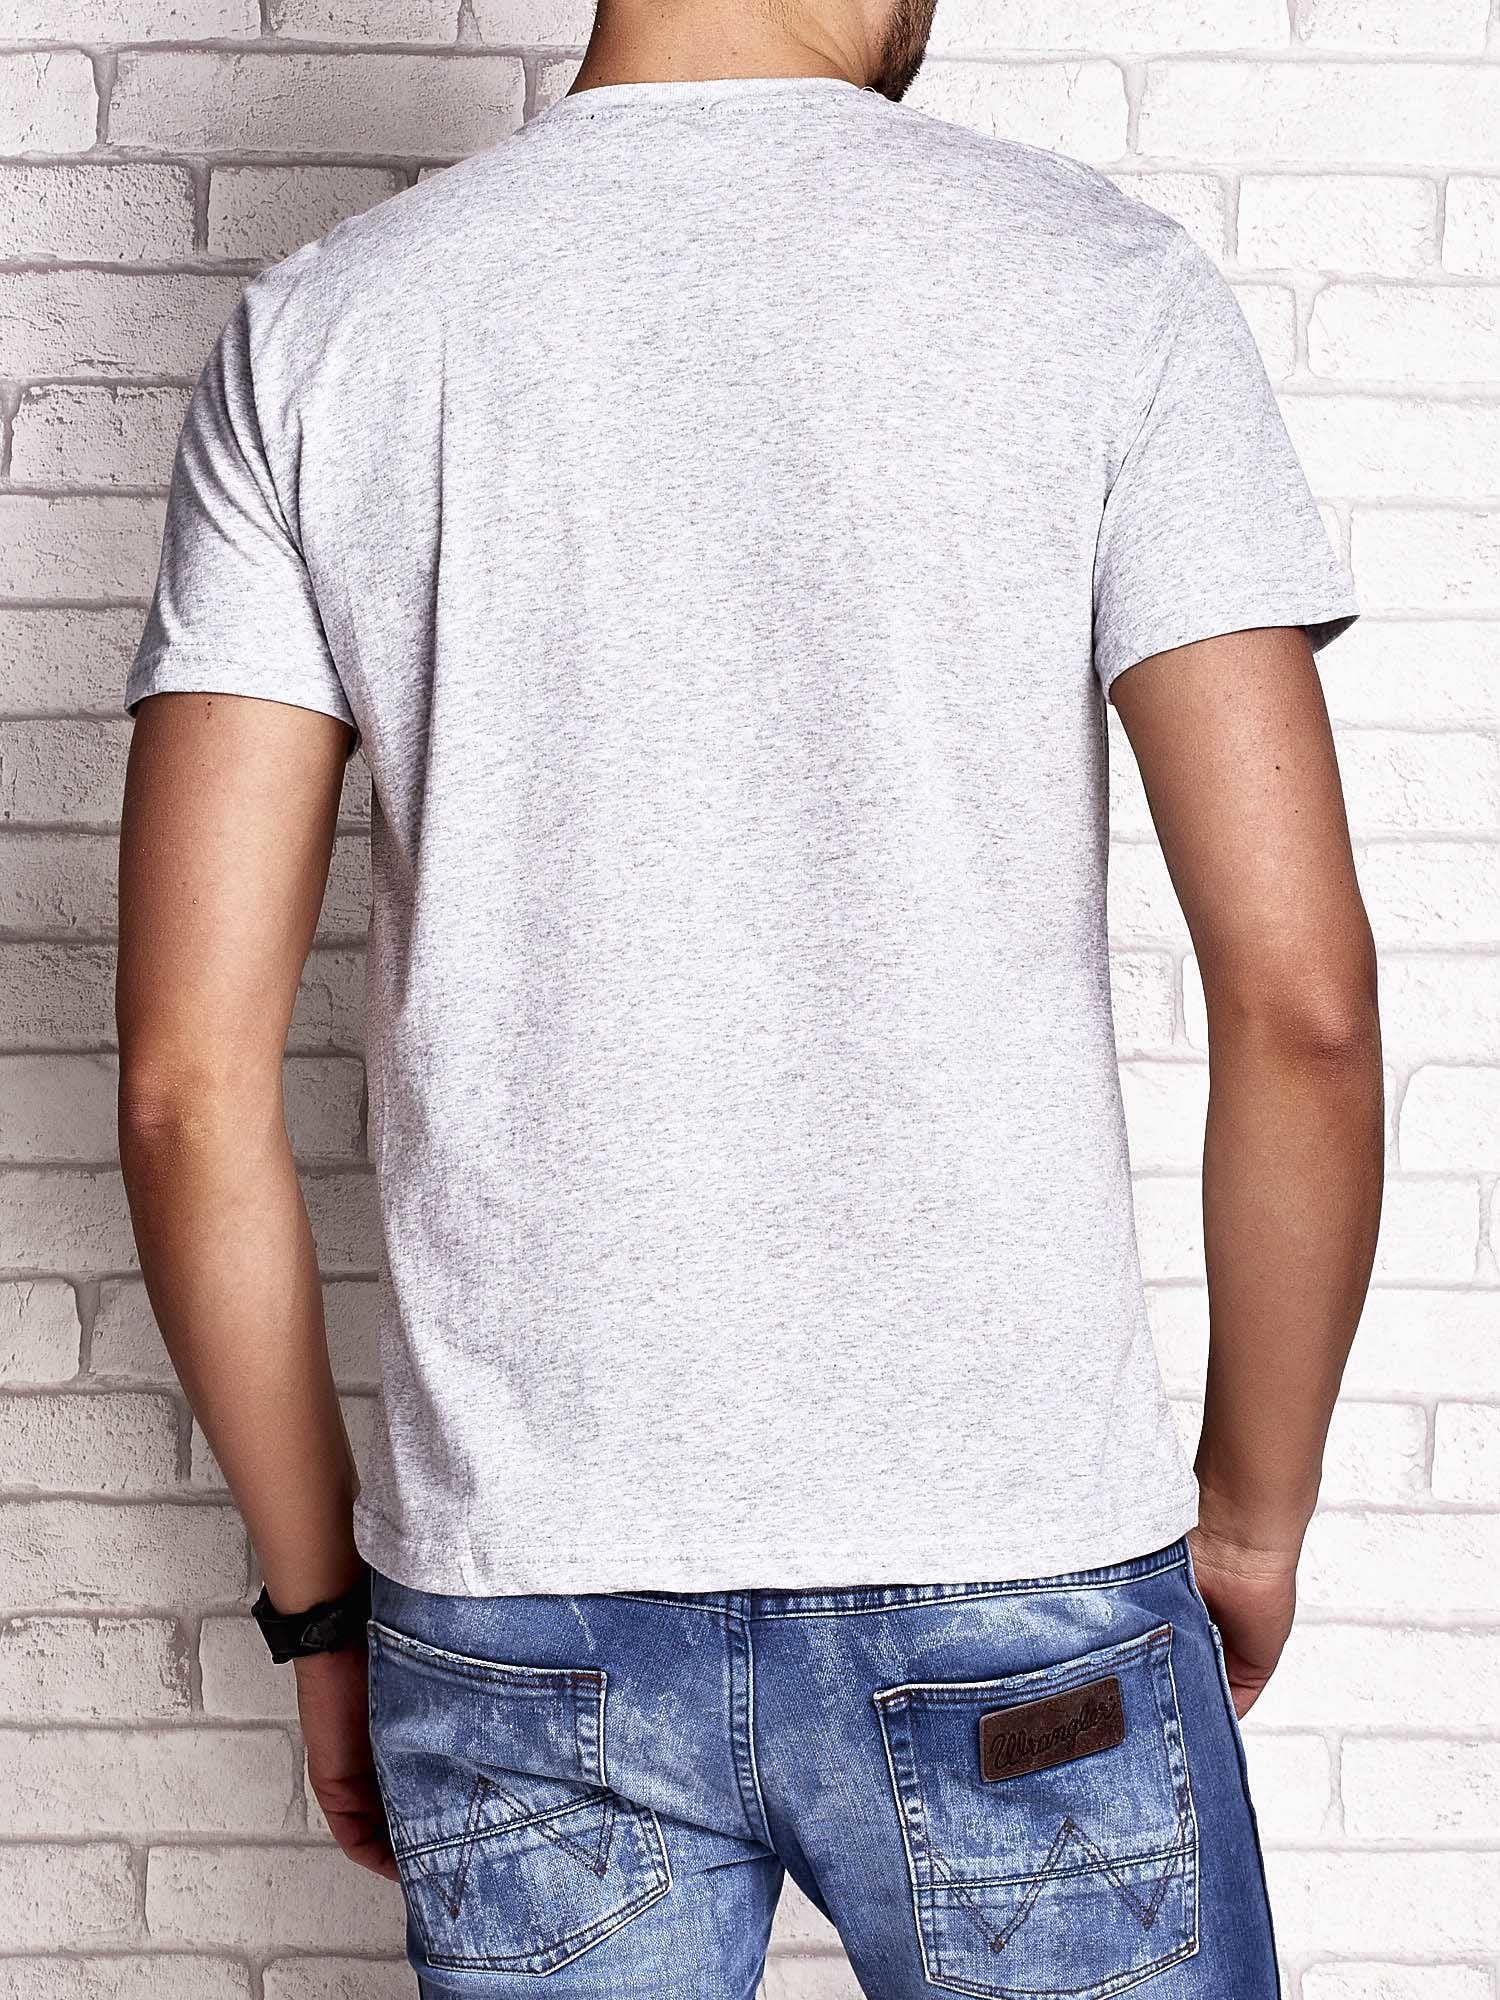 Szary t-shirt męski z napisami i liczbą 83                                  zdj.                                  2